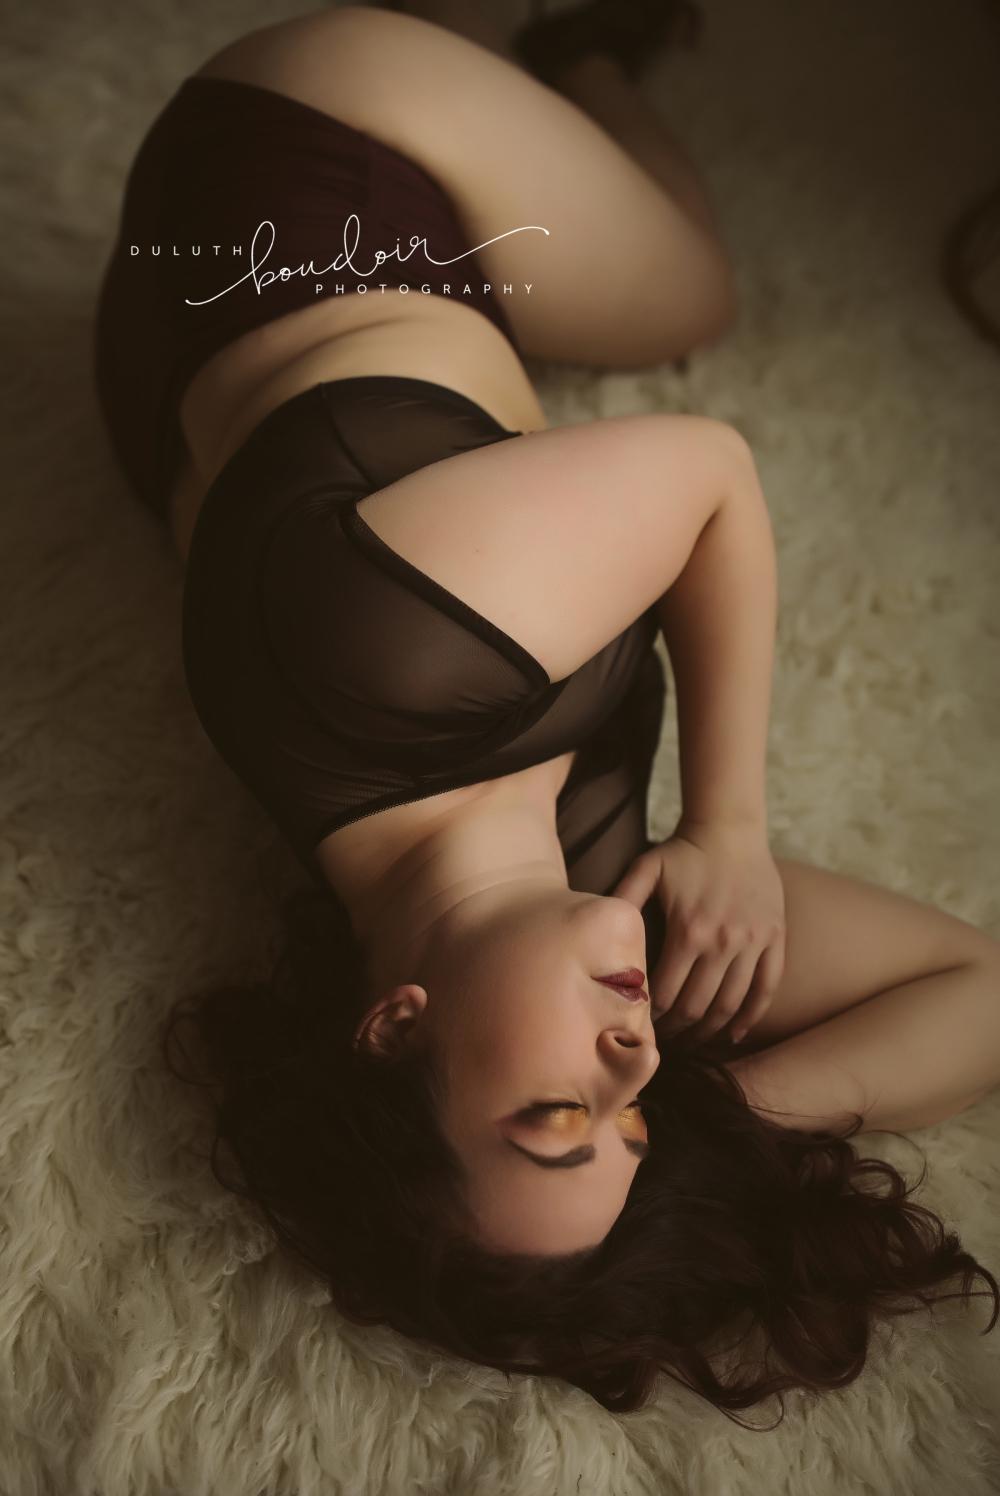 duluth_boudoir_photography_amanda_23.jpg